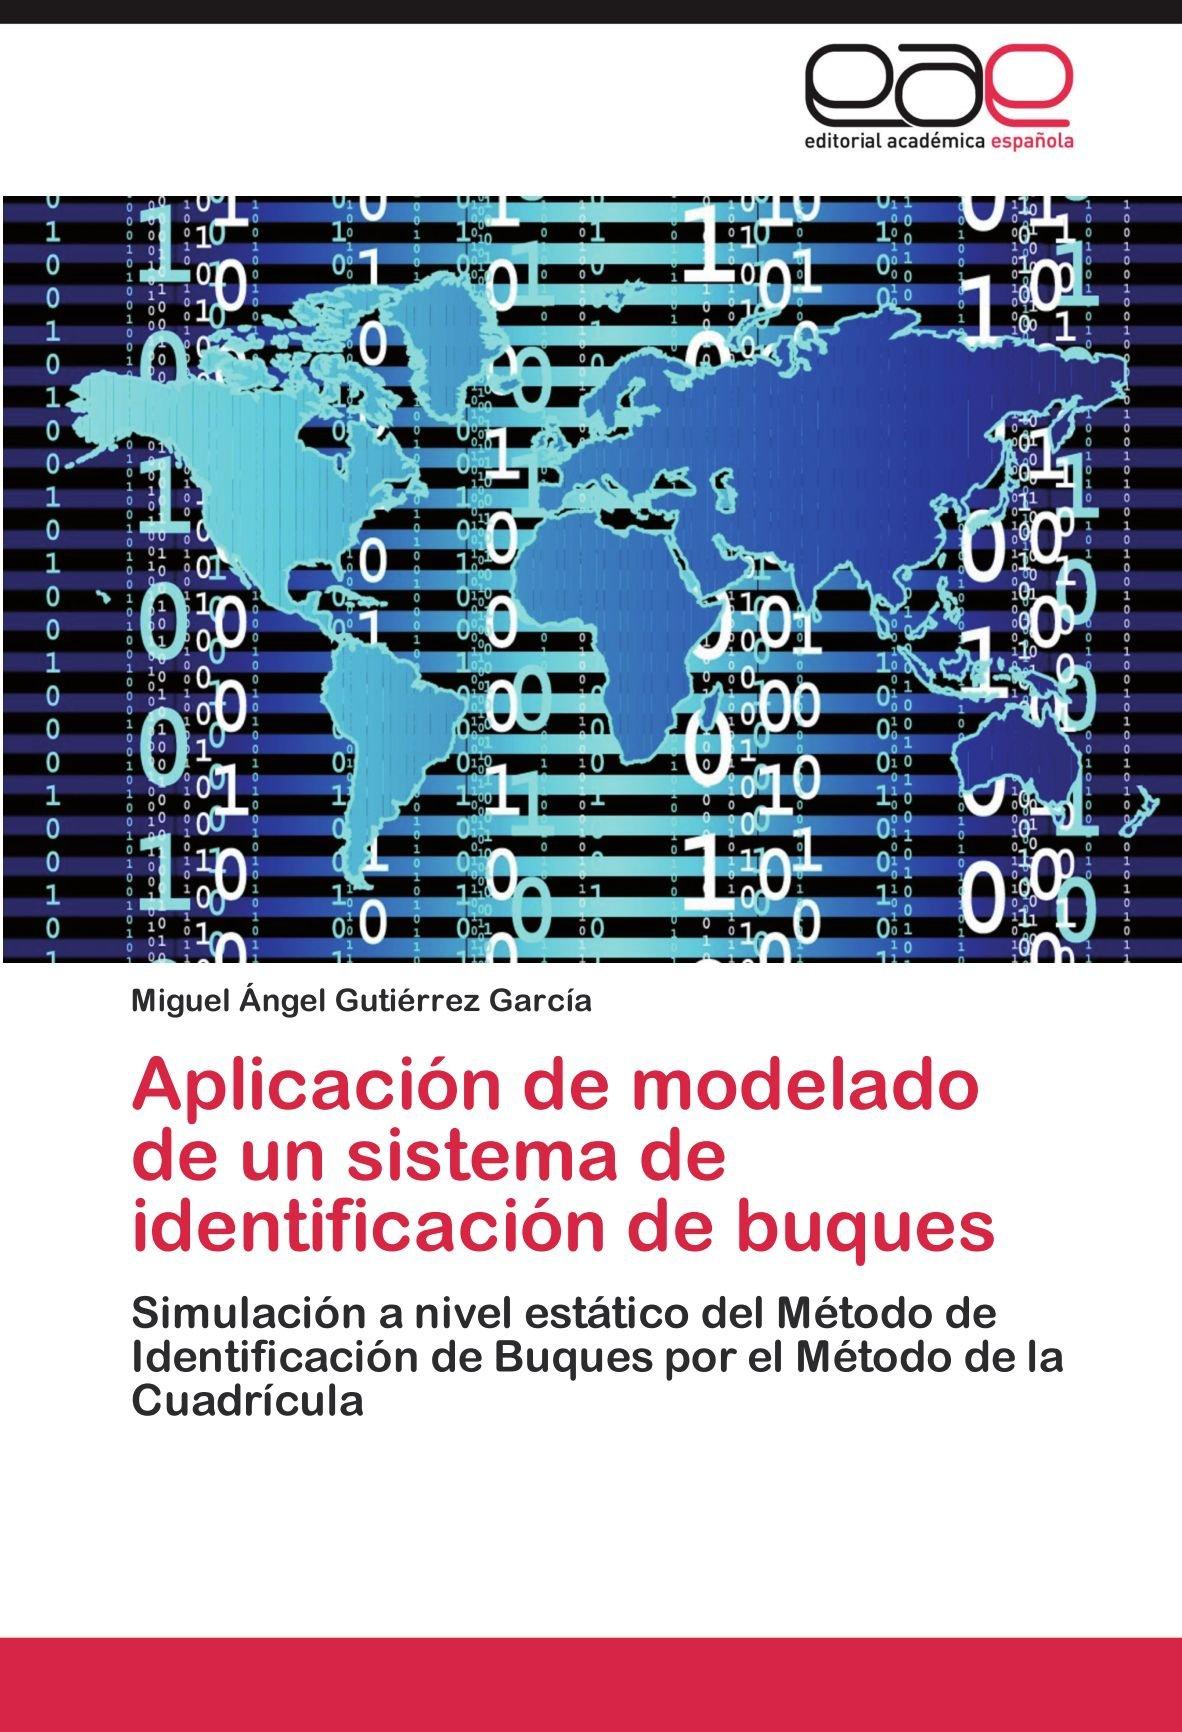 Aplicación de modelado de un sistema de identificación de buques: Simulación a nivel estático del Método de Identificación de Buques por el Método de la Cuadrícula (Spanish Edition) PDF